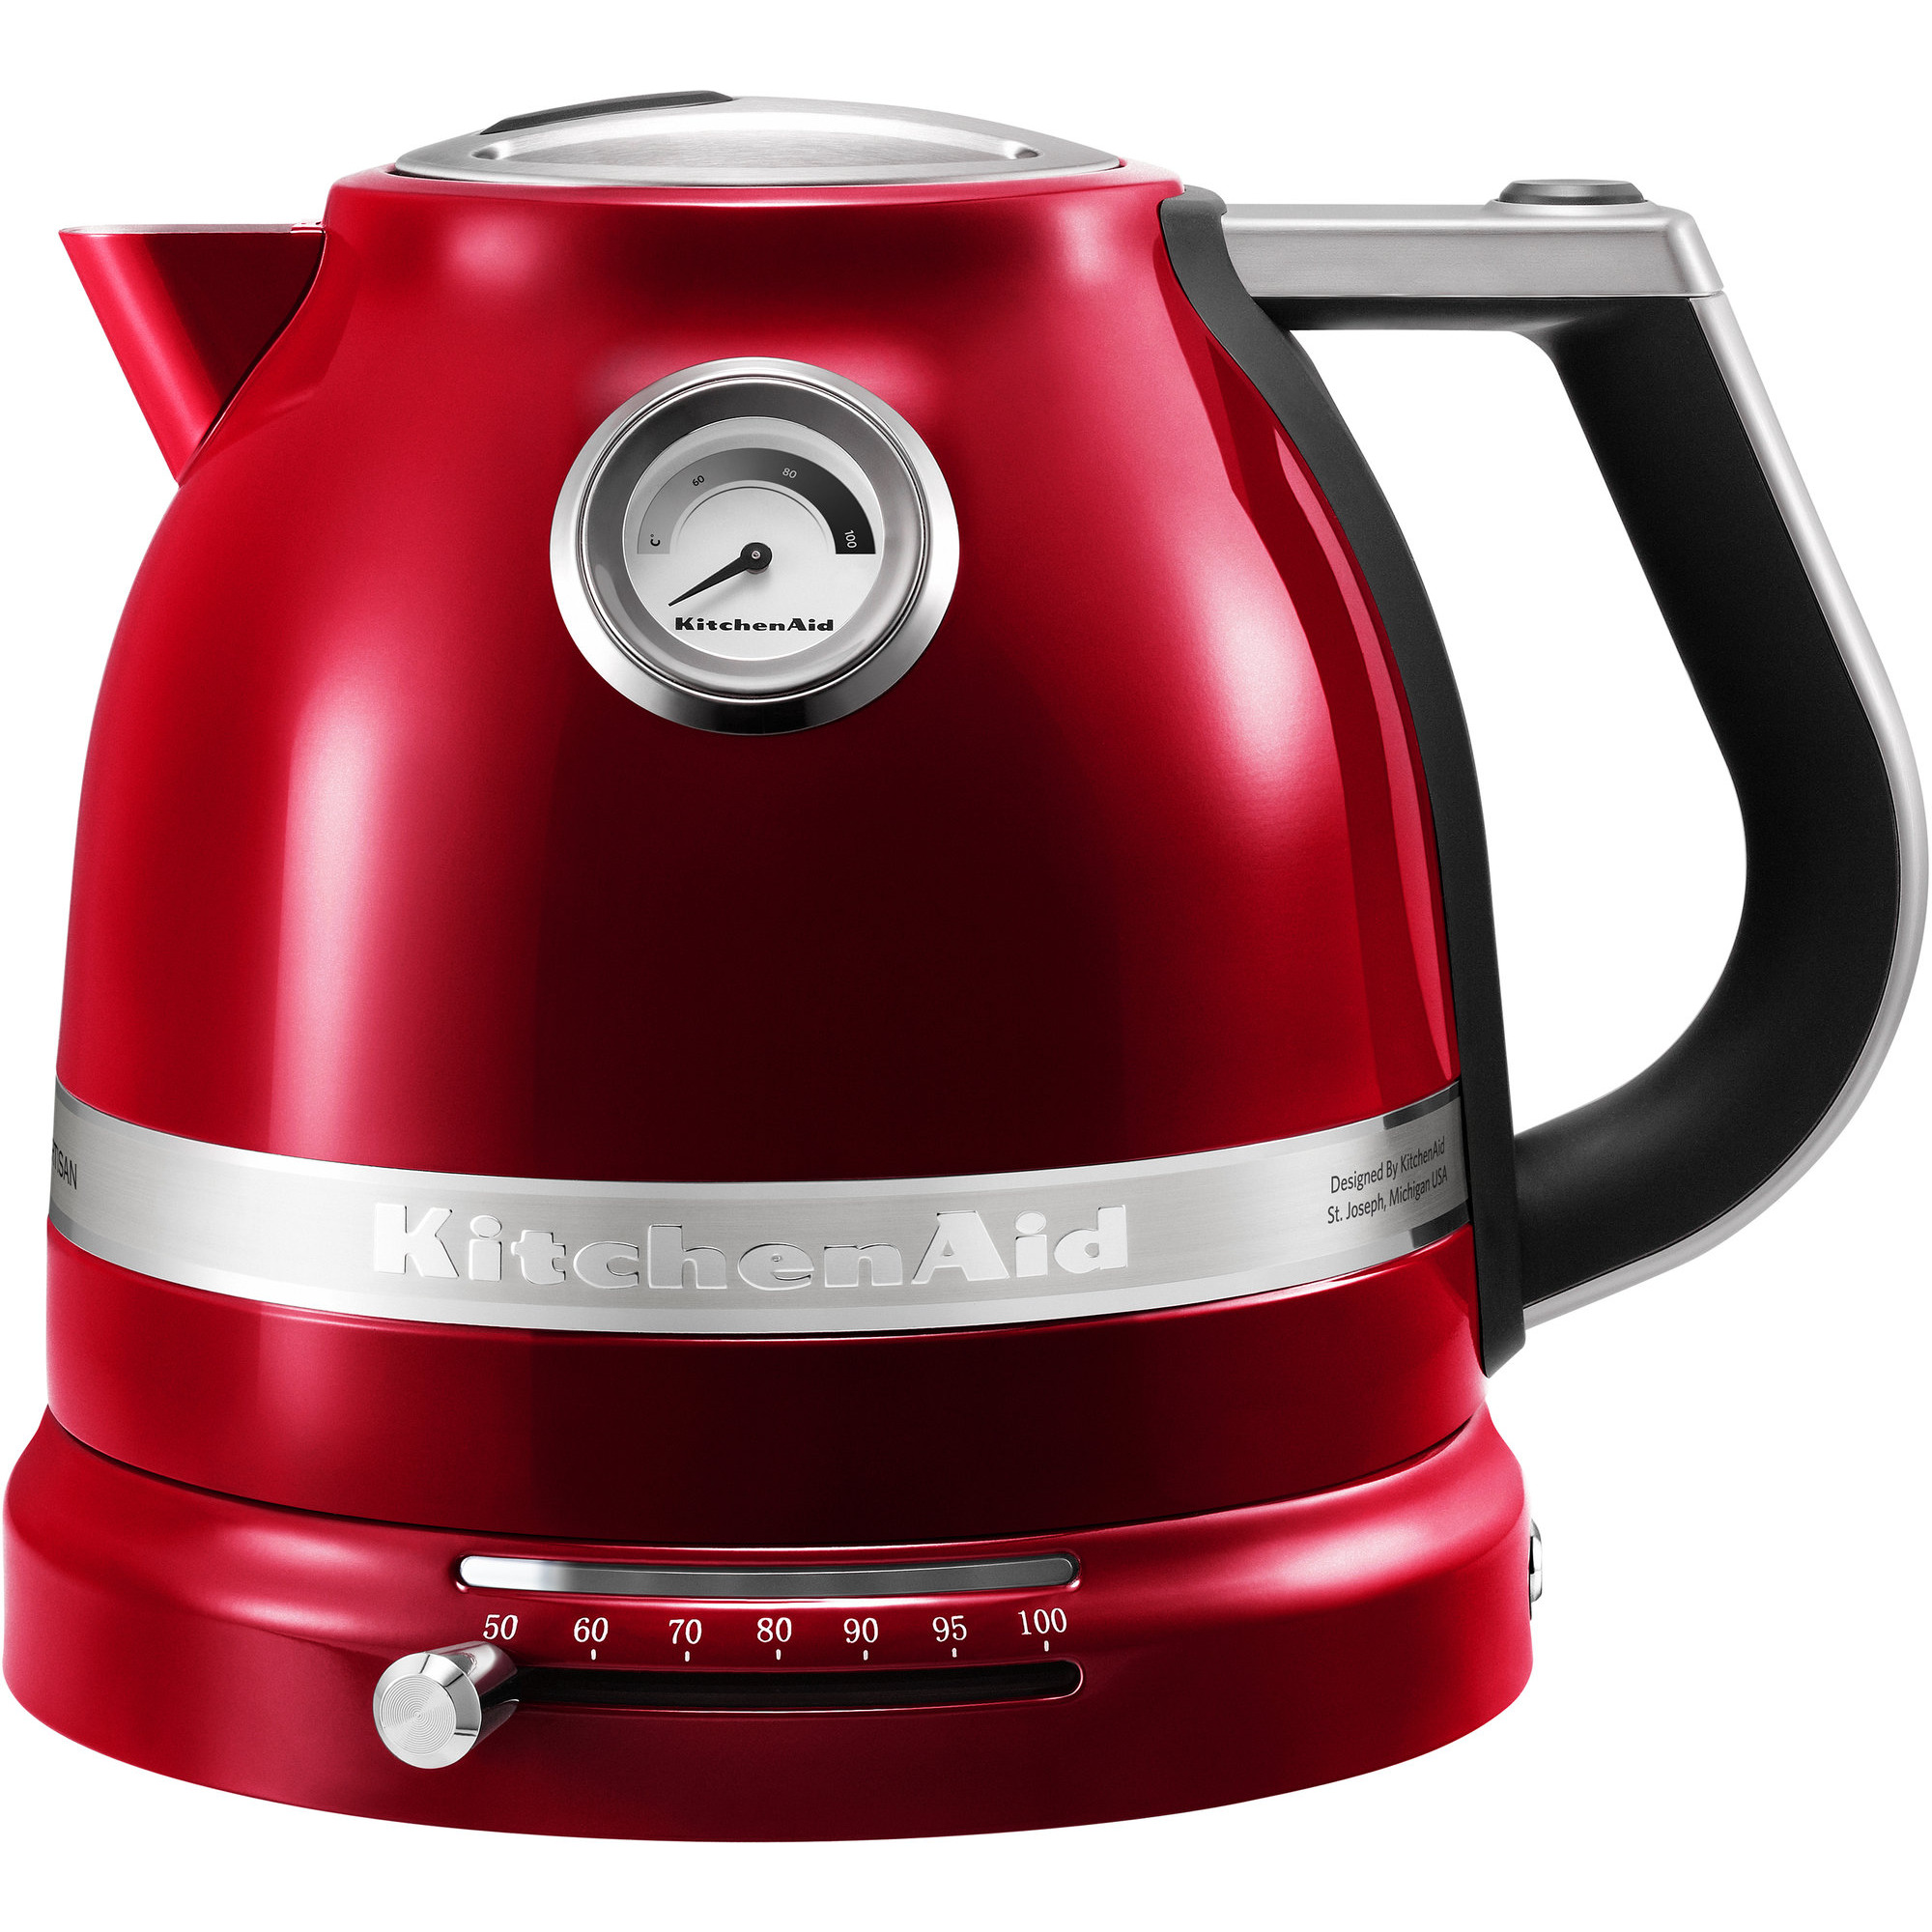 KitchenAid Artisan Vattenkokare 1.5L-Röd Metallic